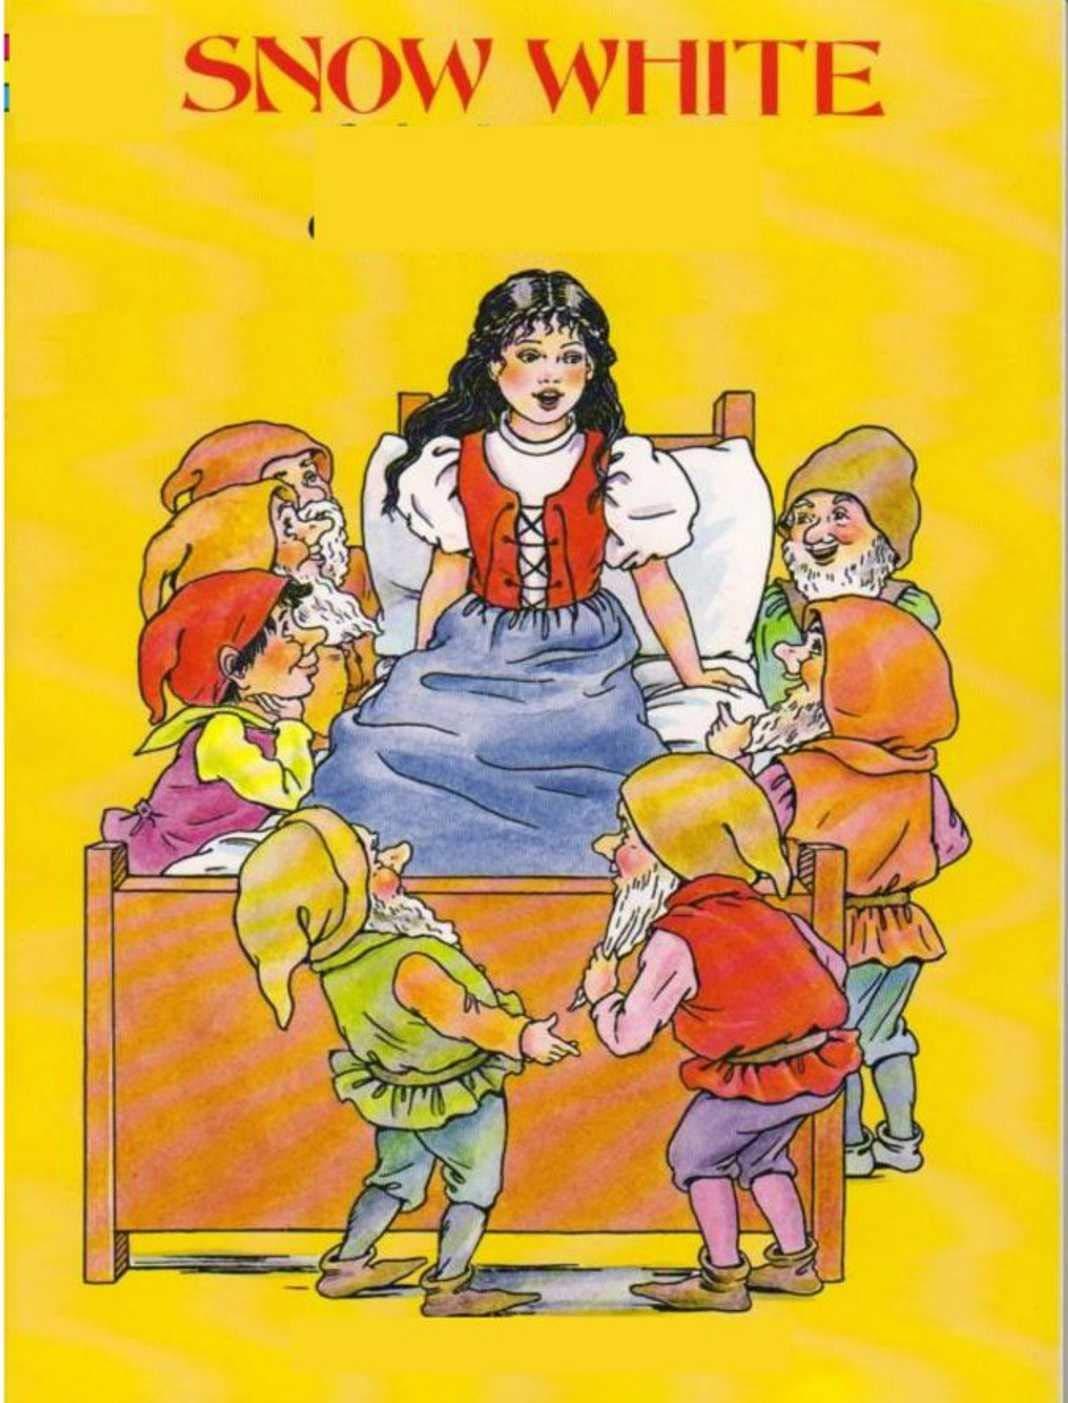 Snow White: Interesting children's story books